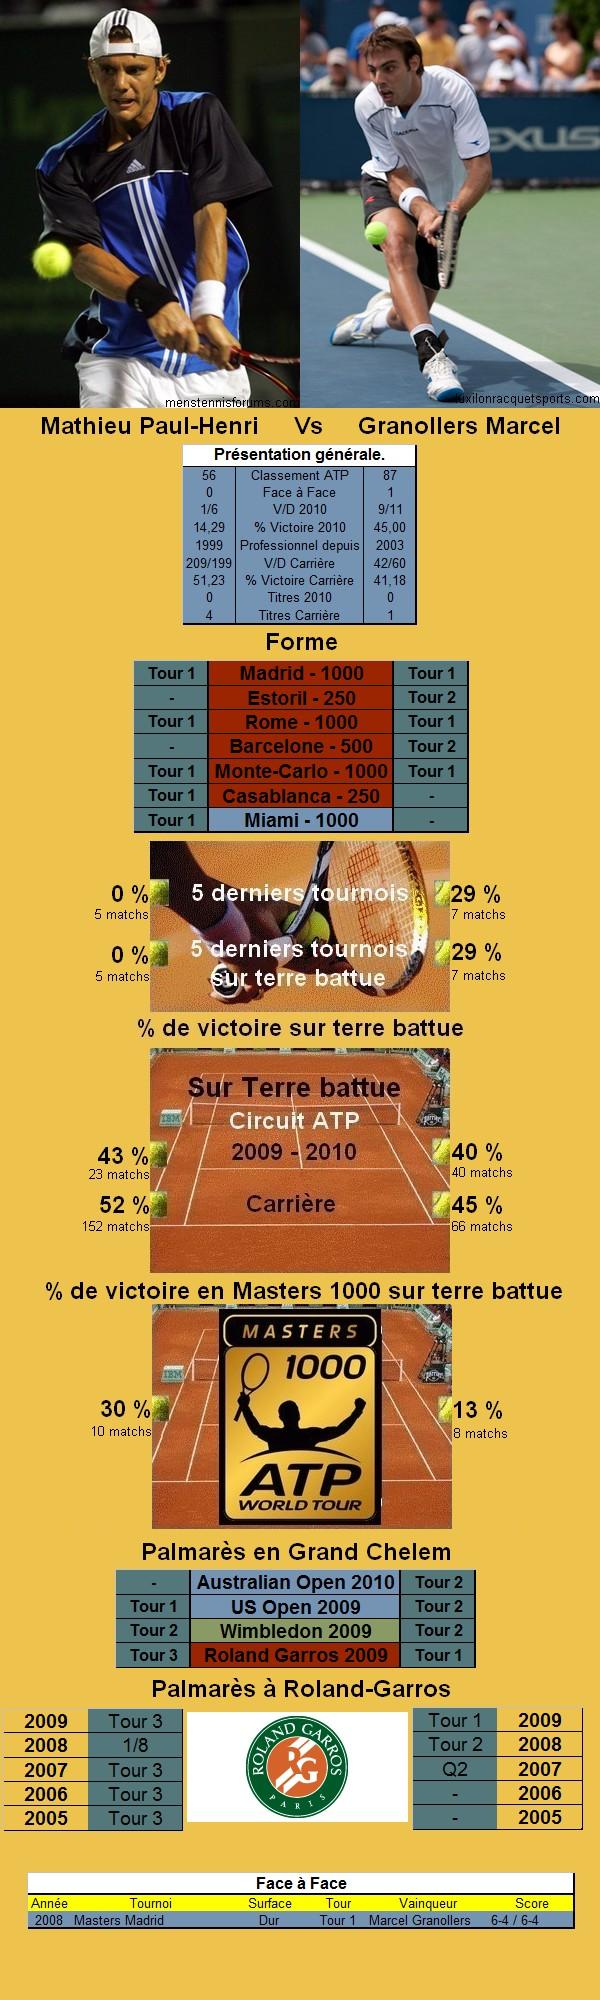 Statistiques tennis de Mathieu contre Granollers à Roland Garros